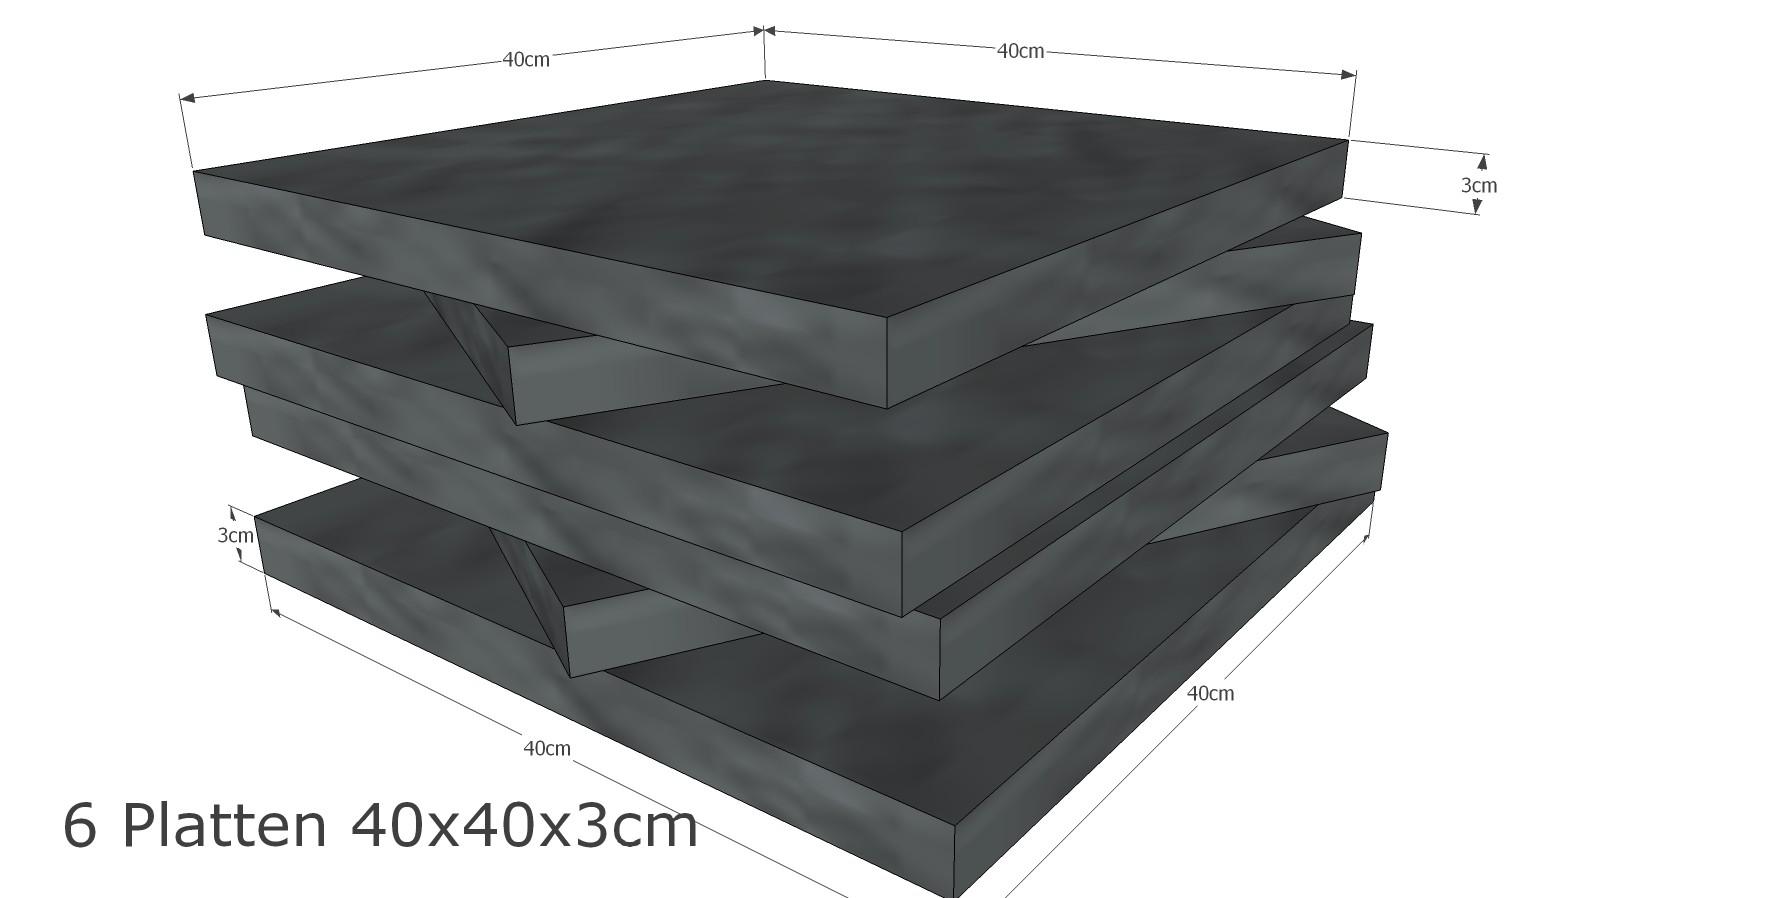 schaumstoff platten set 6 stk je 40x40x3cm stuhlauflagen sitzkissen stuhlkissen. Black Bedroom Furniture Sets. Home Design Ideas